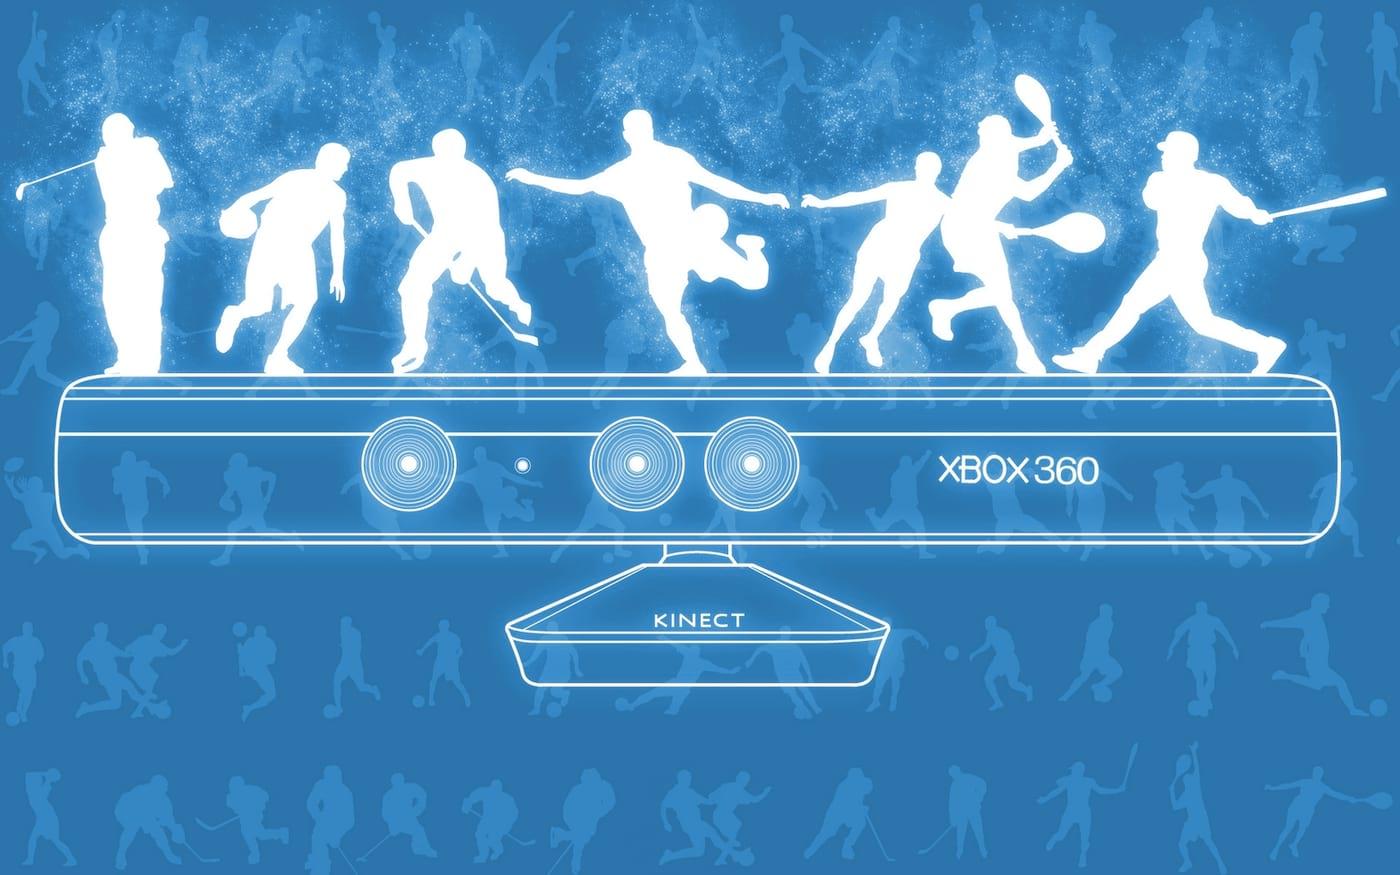 10 jogos para kinect no Xbox 360 em 2019